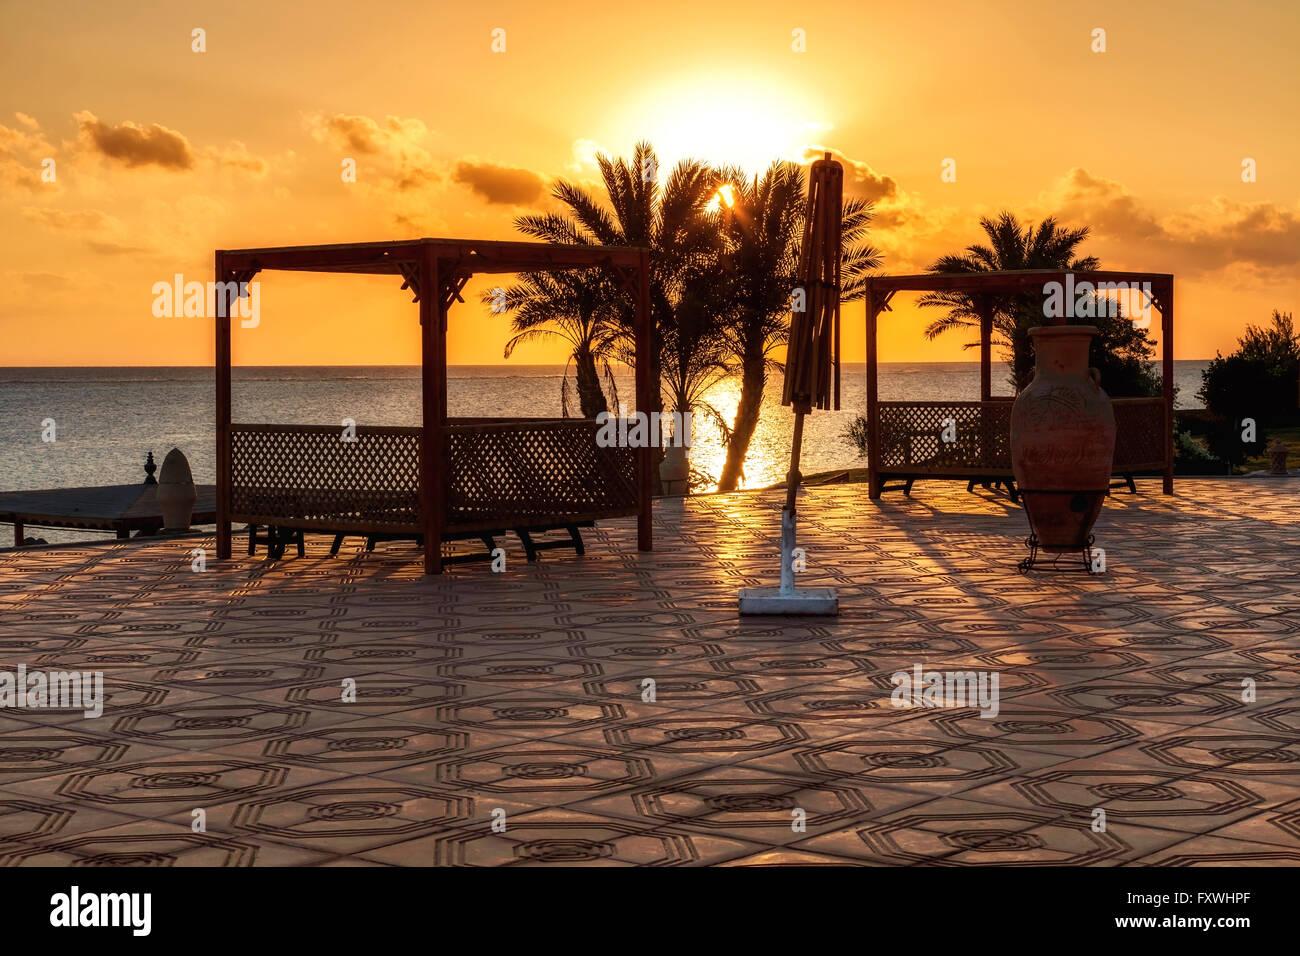 Tramonto a Marsa Alam, Mar Rosso, Egitto Immagini Stock